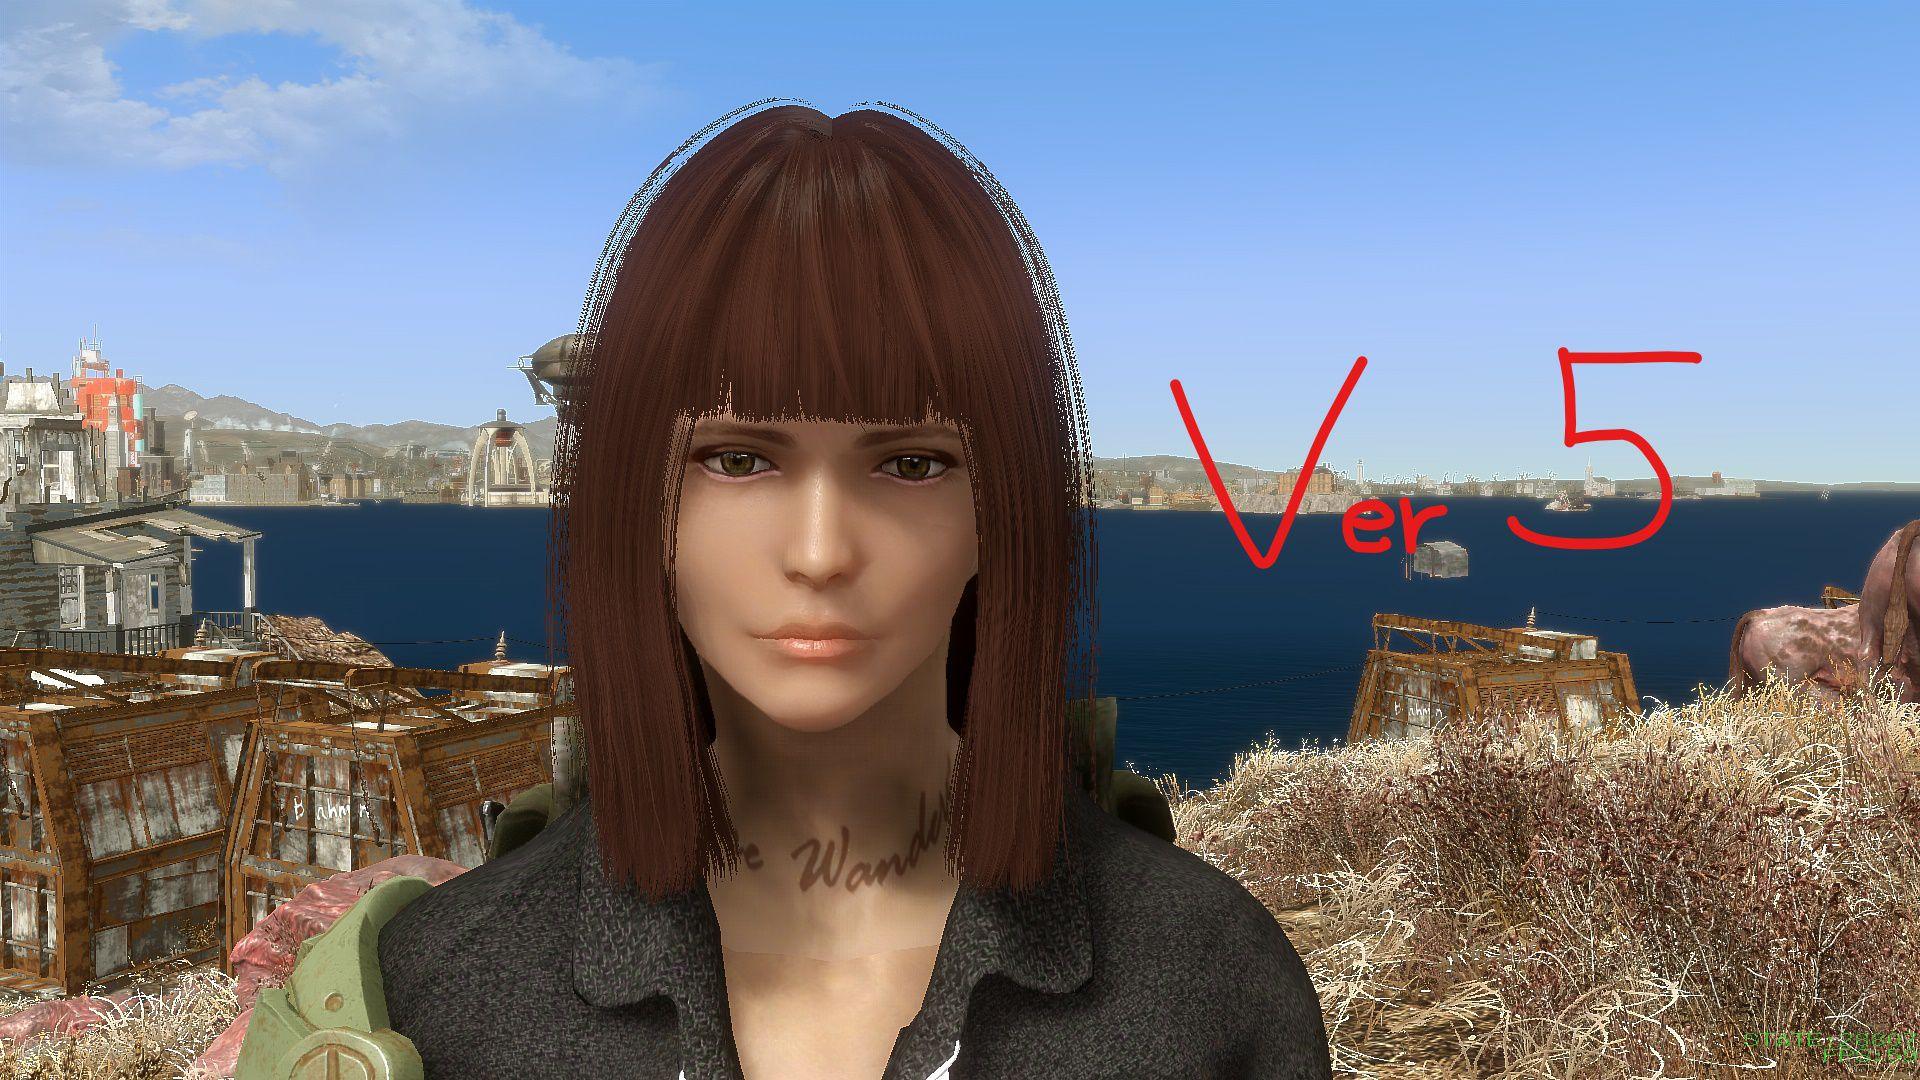 キャラクタープリセット おすすめMOD順 - Fallout4 Mod データベース